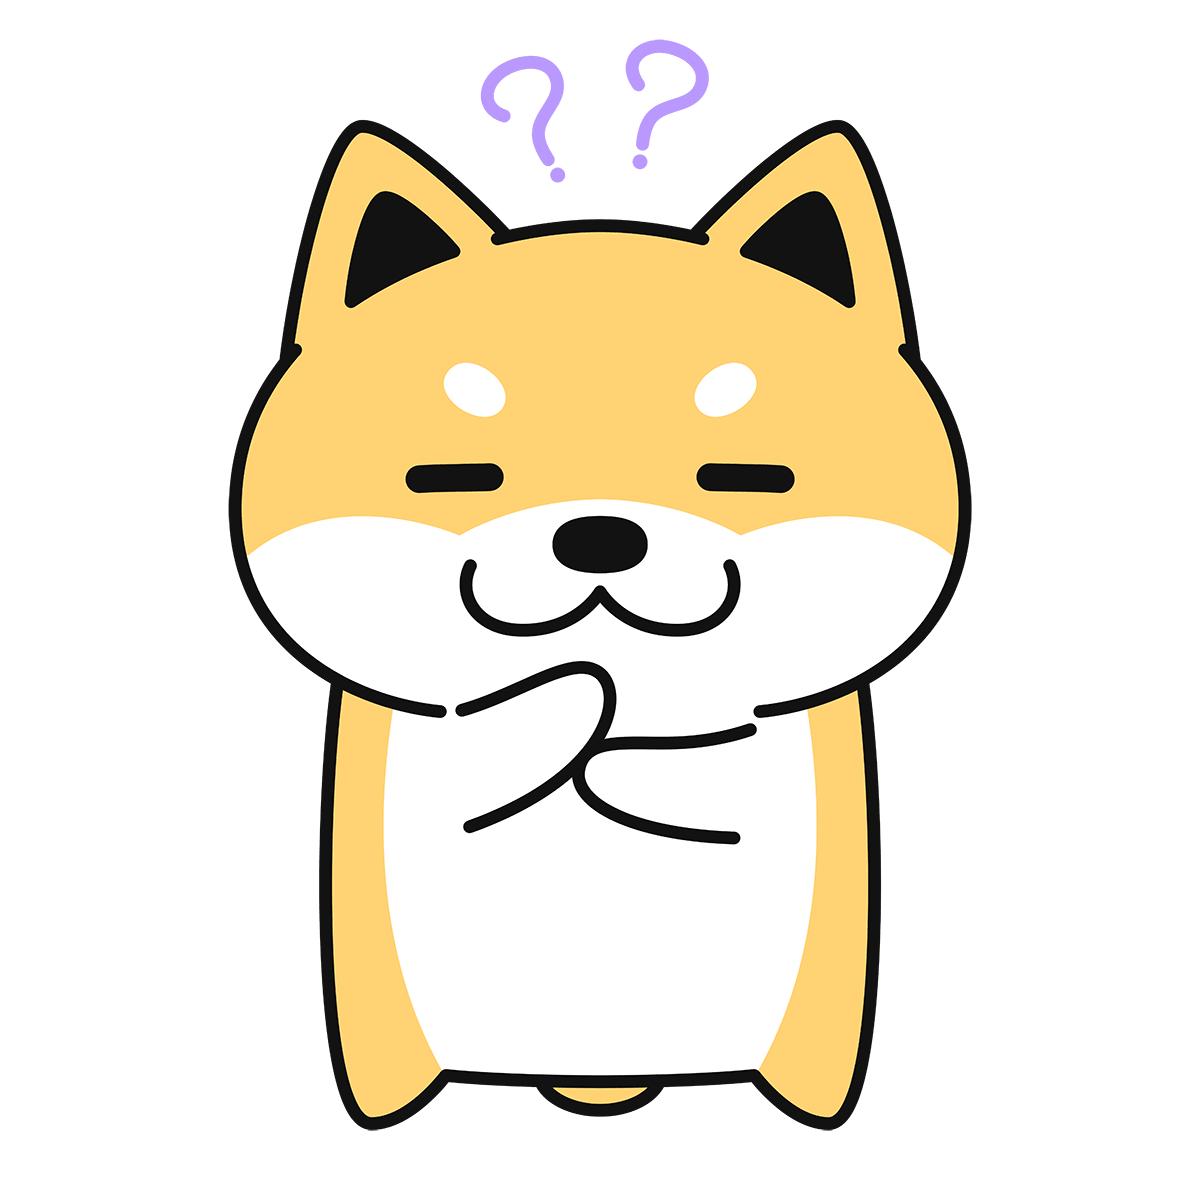 考える柴犬(コタロー)の無料イラスト